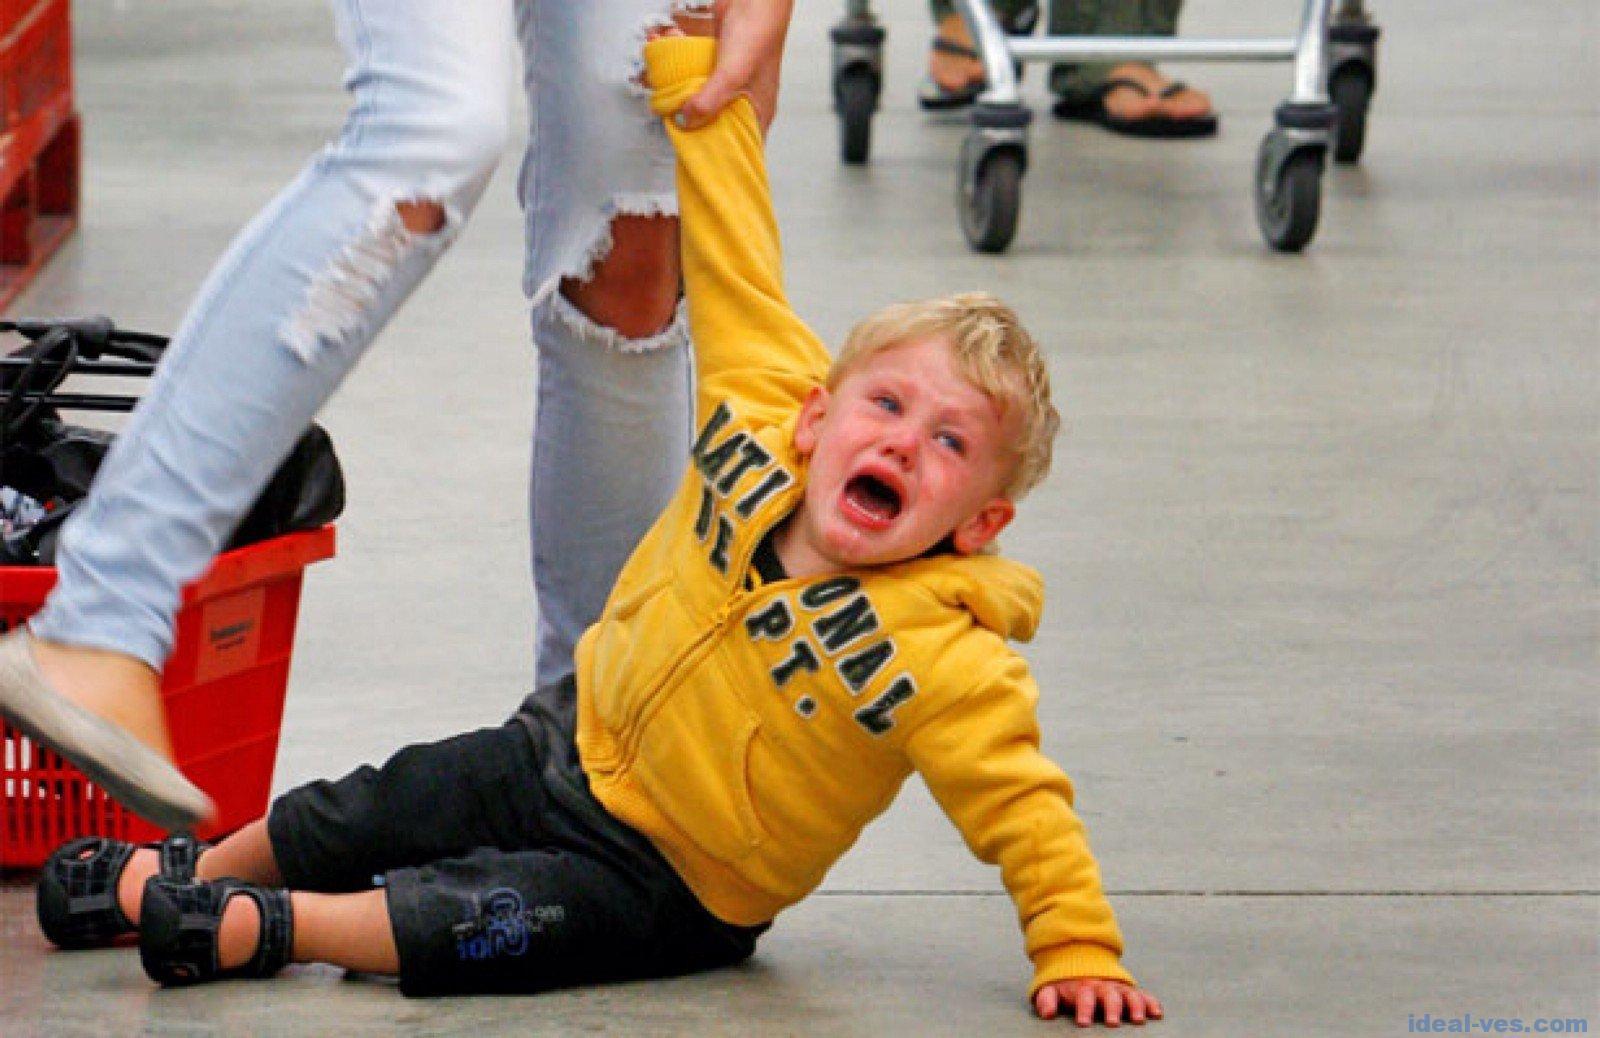 Ребенок закатил истерику в магазине. Что делать? Мнения детских психологов - 1